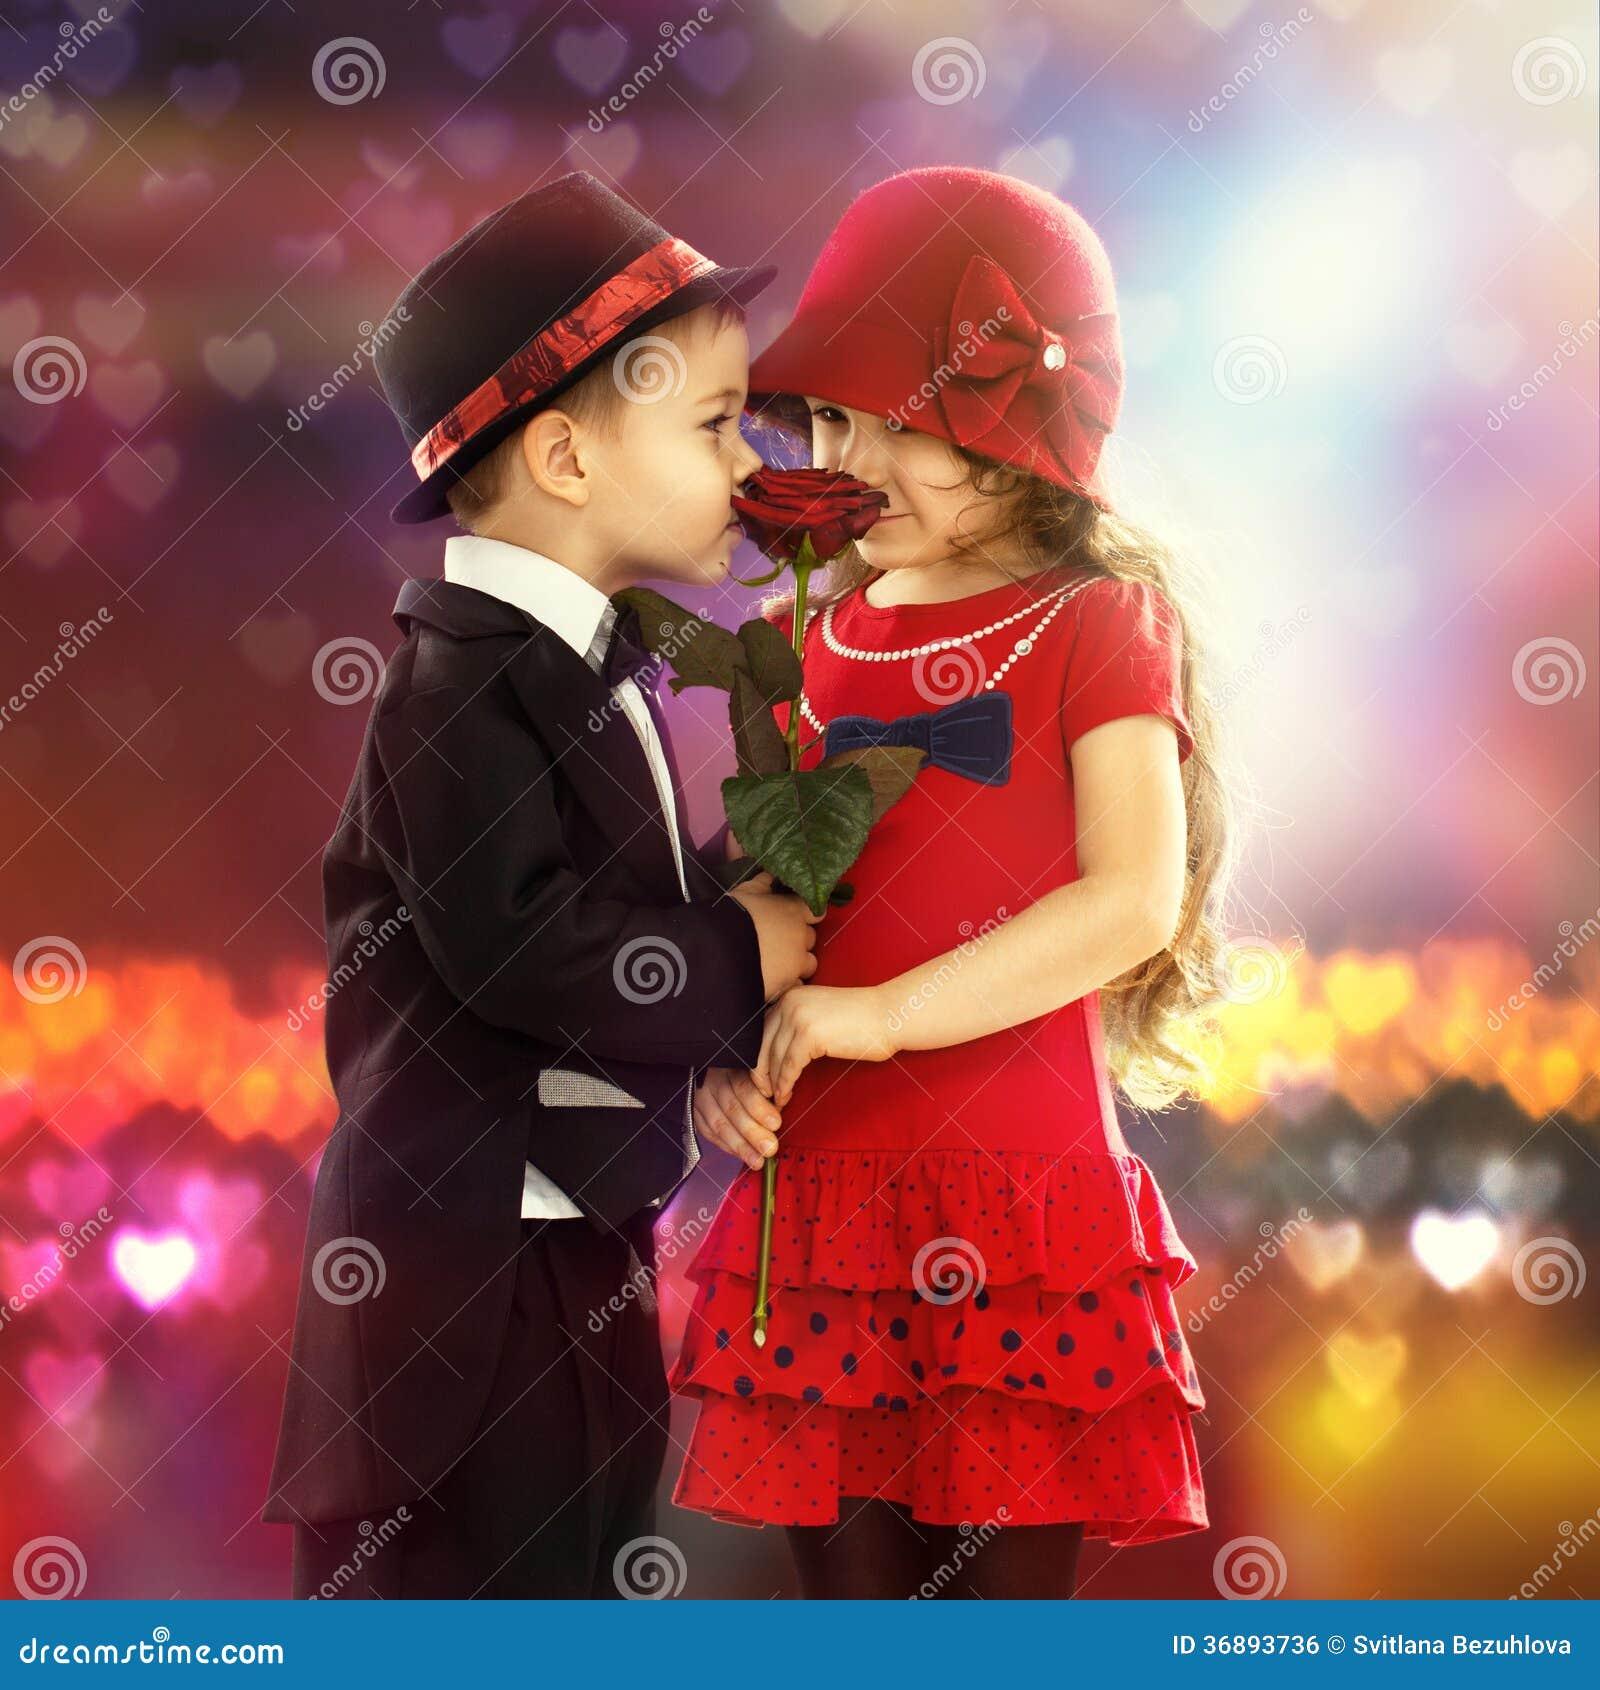 Download Ragazzino Adorabile Che Dà Una Rosa Alla Ragazza Fotografia Stock - Immagine di infanzia, fiore: 36893736